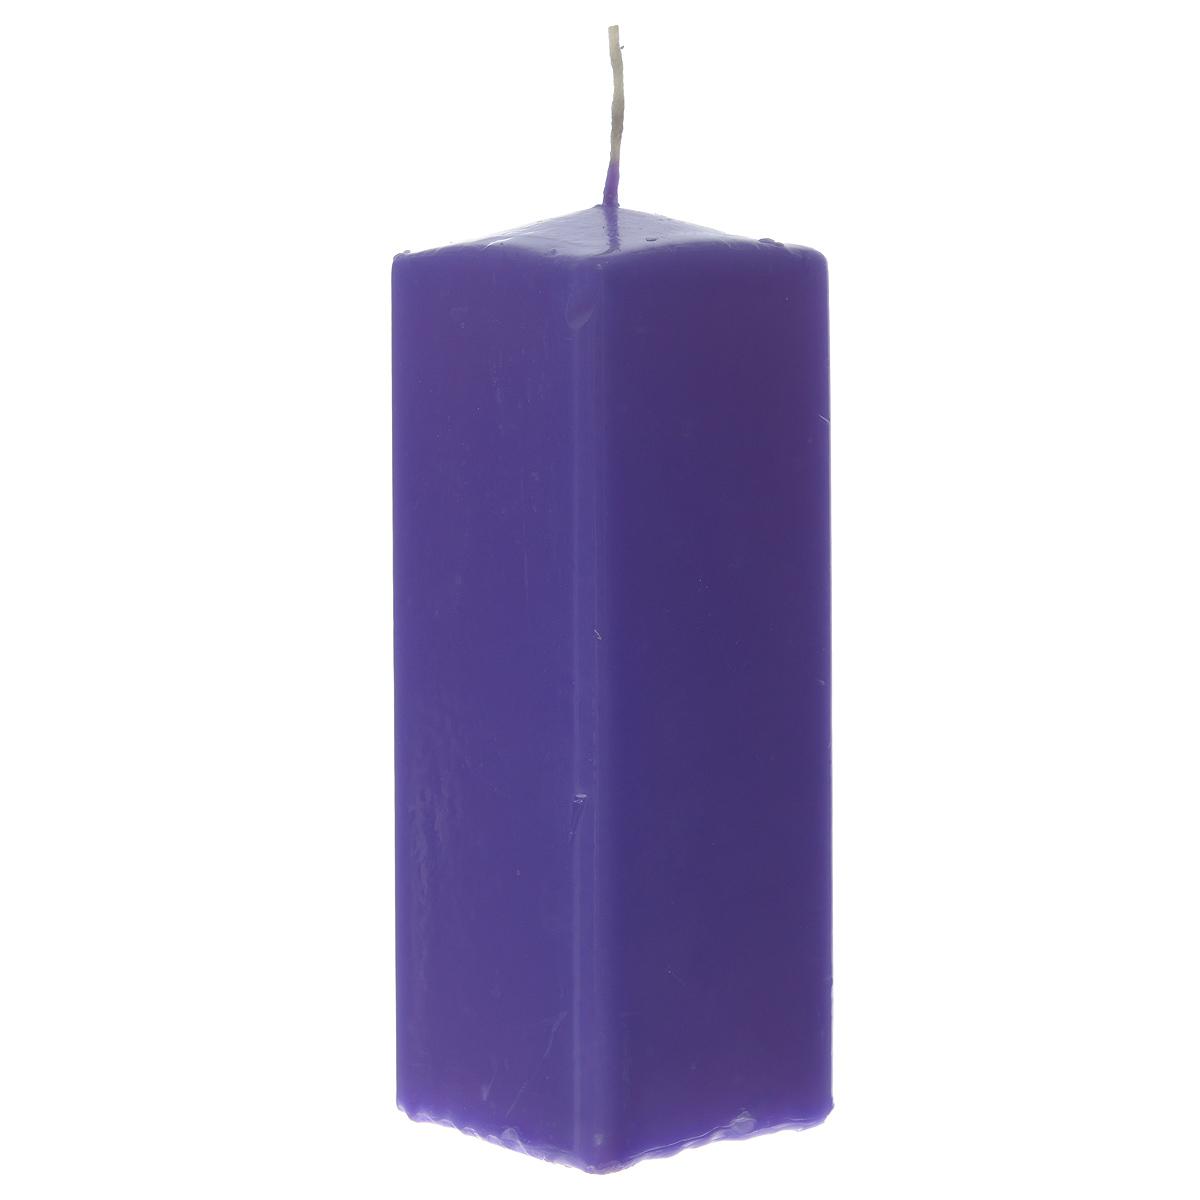 Свеча Sima-land Аромат огня, цвет: фиолетовый, высота 15 см. 843211843211Свеча Sima-land Аромат огня выполнена из парафина в классическом стиле. Изделие порадует вас ярким дизайном. Такую свечу можно поставить в любое место и она станет ярким украшением интерьера. Свеча Sima-land Аромат огня создаст незабываемую атмосферу, будь то торжество, романтический вечер или будничный день.